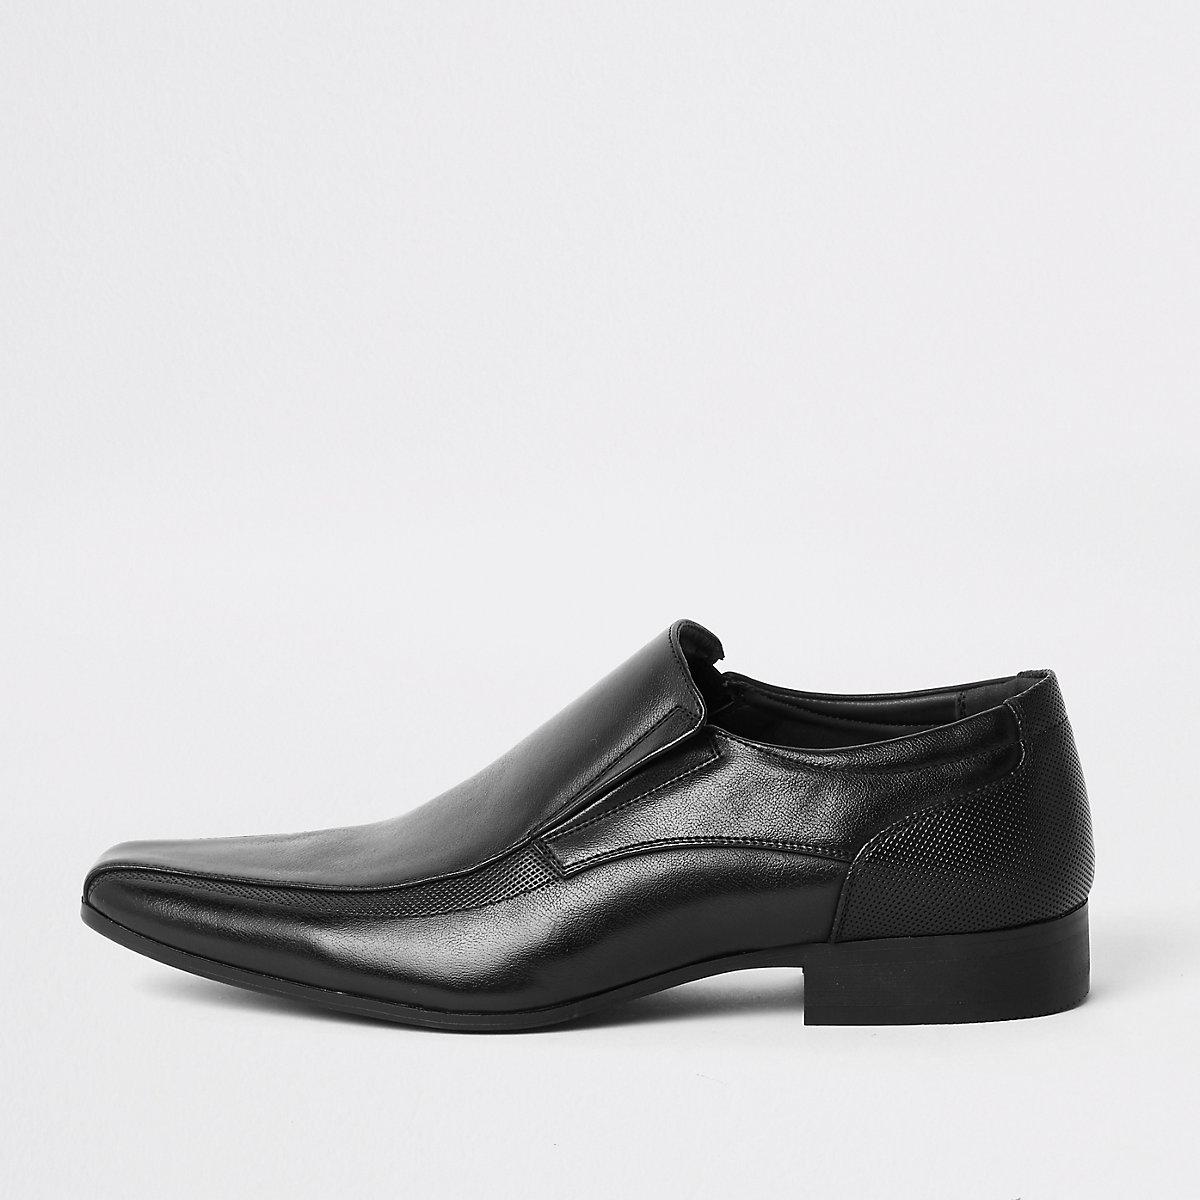 Black slip on formal shoes